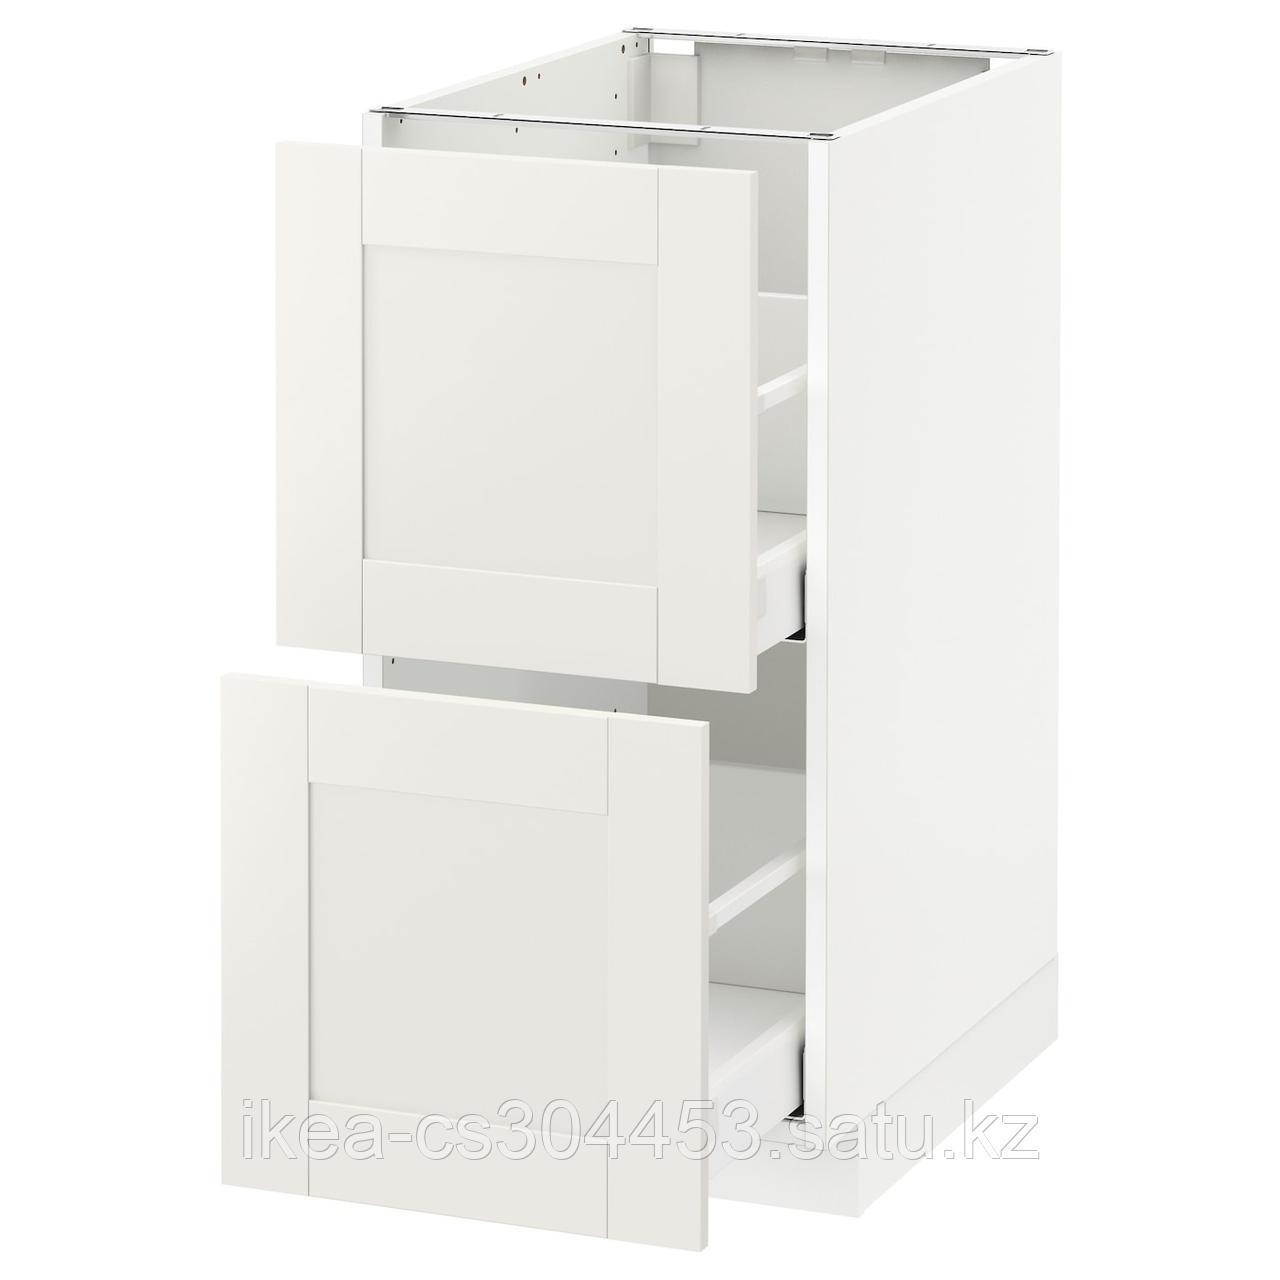 МЕТОД система Напольные шкафы